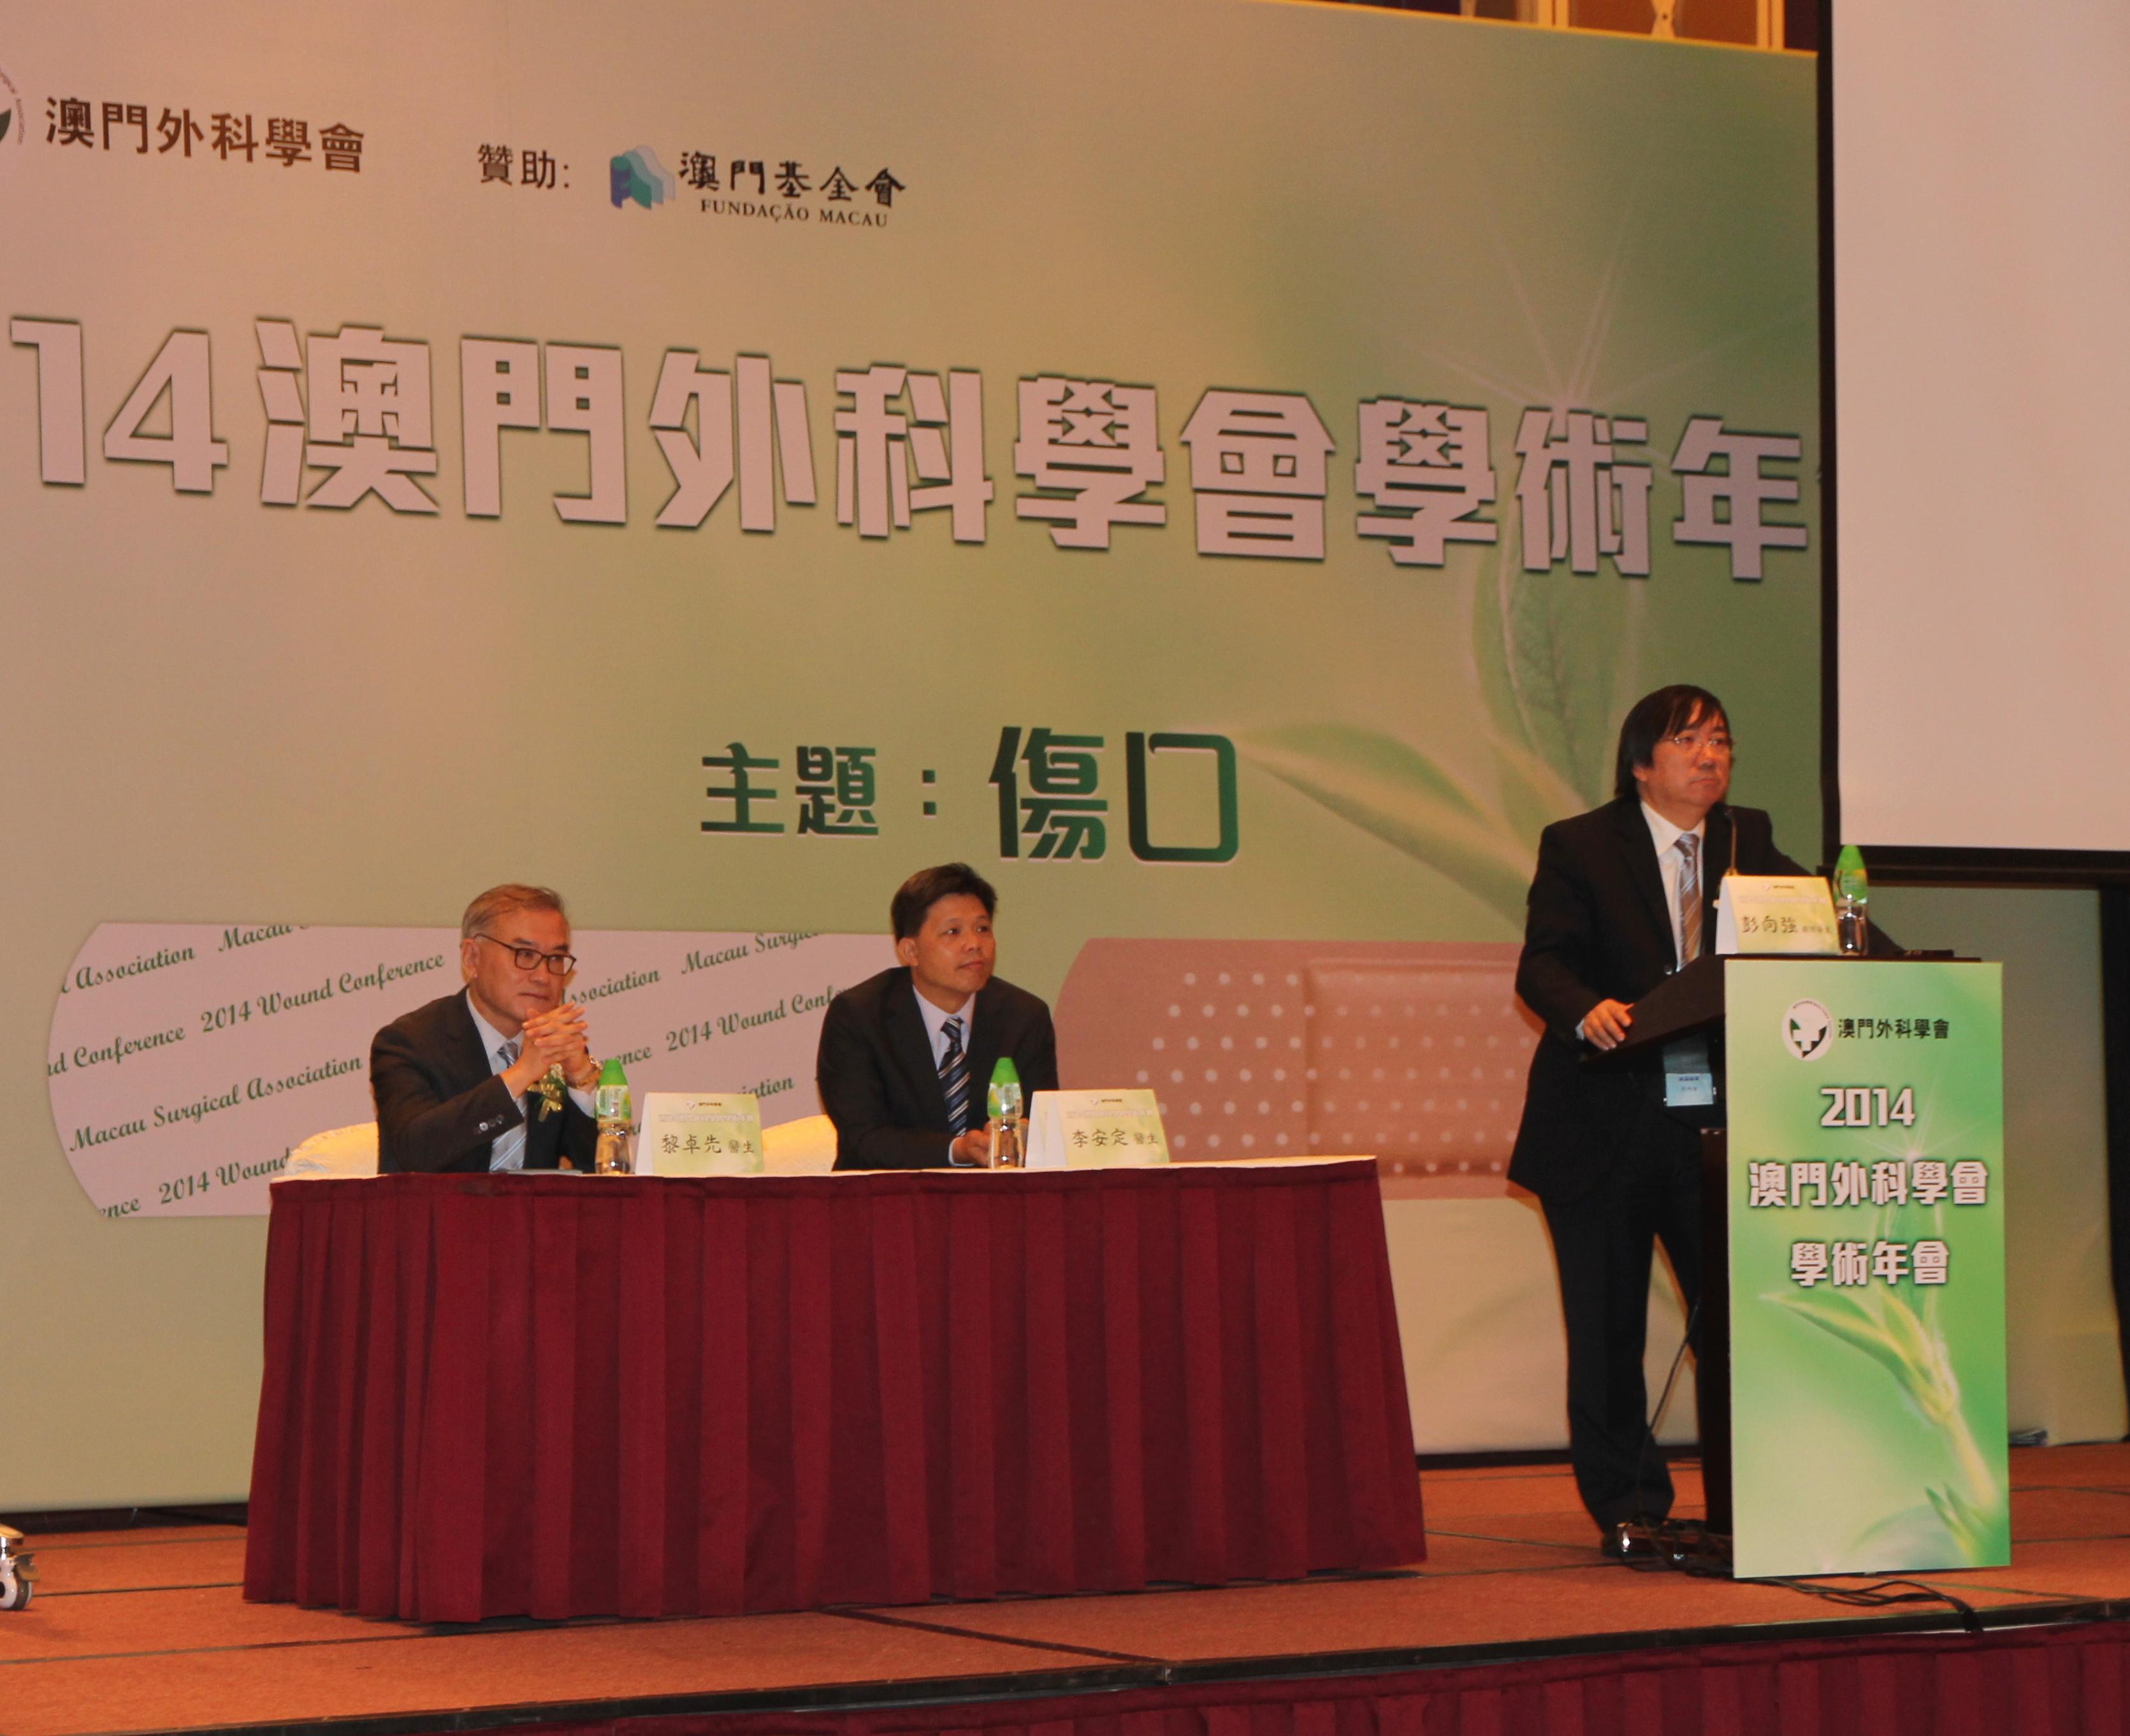 2014學術年會圓滿成功 | 澳門外科學會 Macau Surgical Association